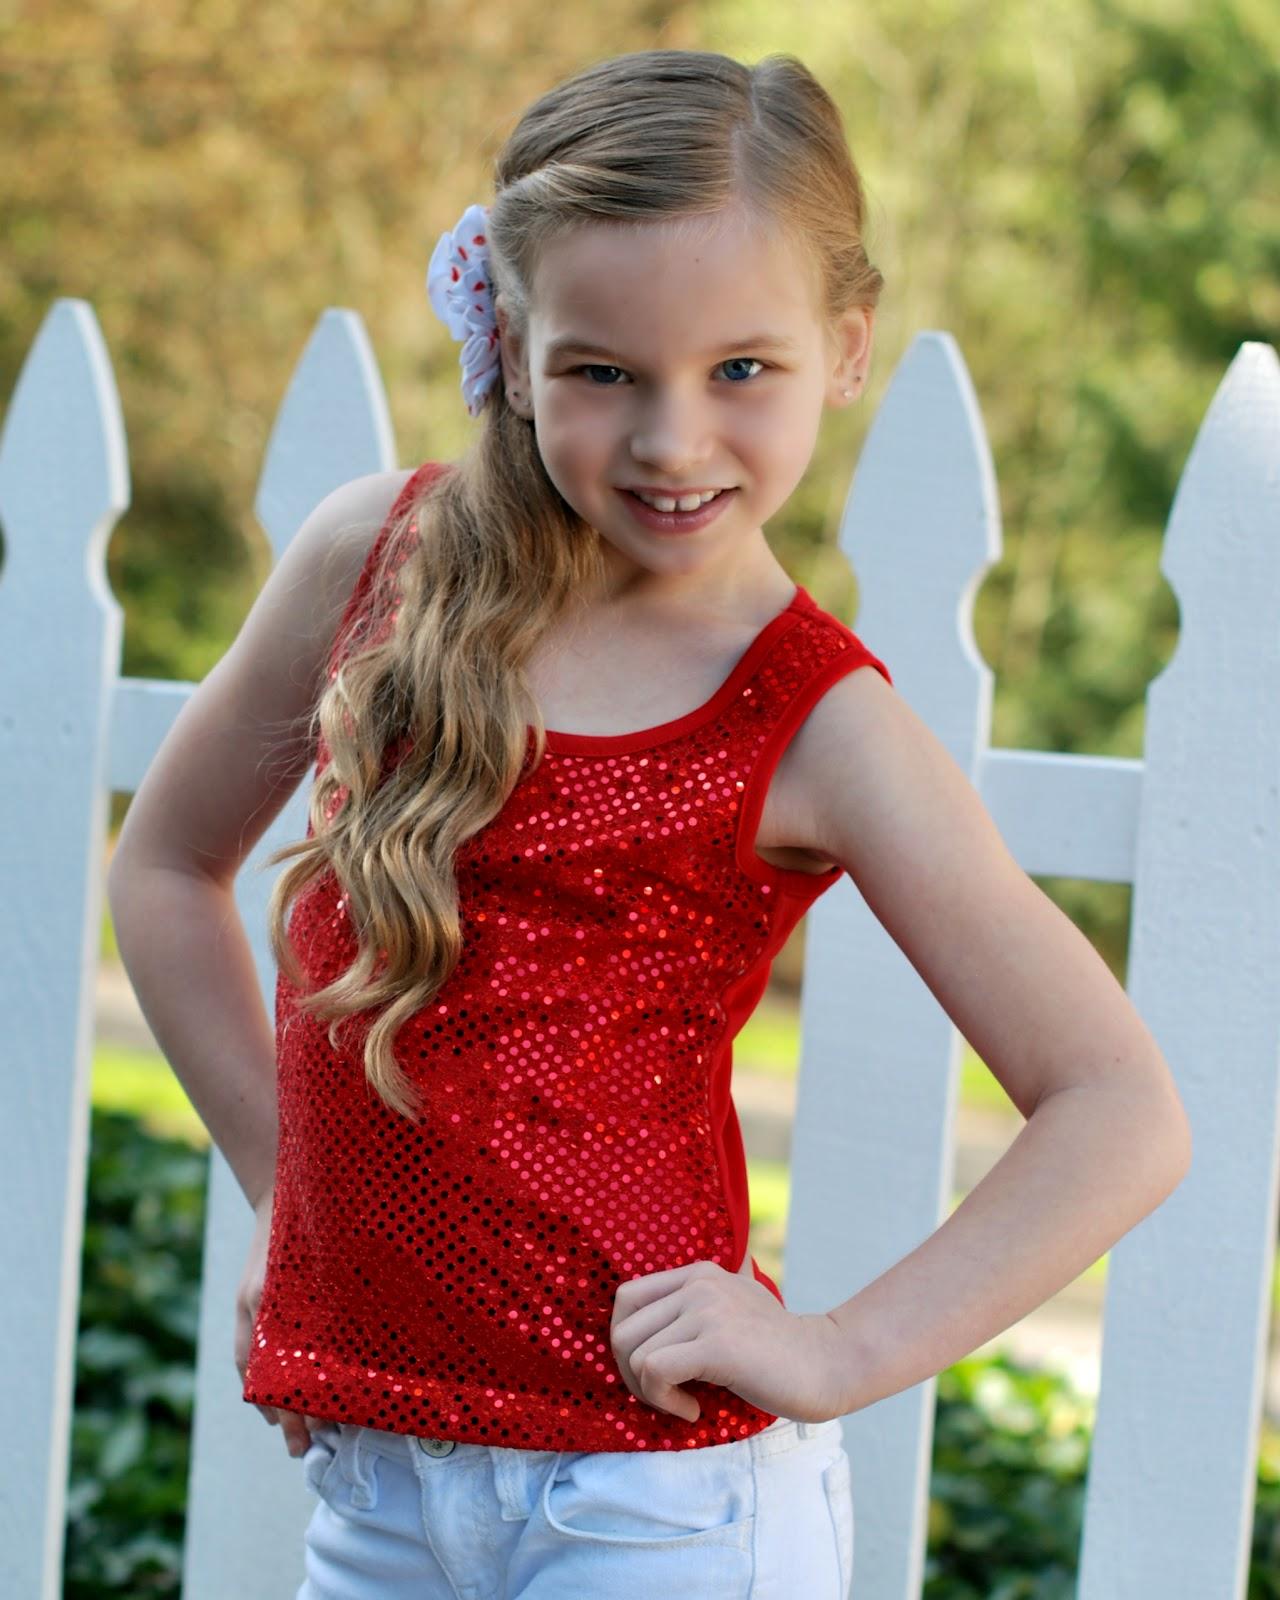 POSE child modeling mag Junior Fashion Experts: Lanas tip